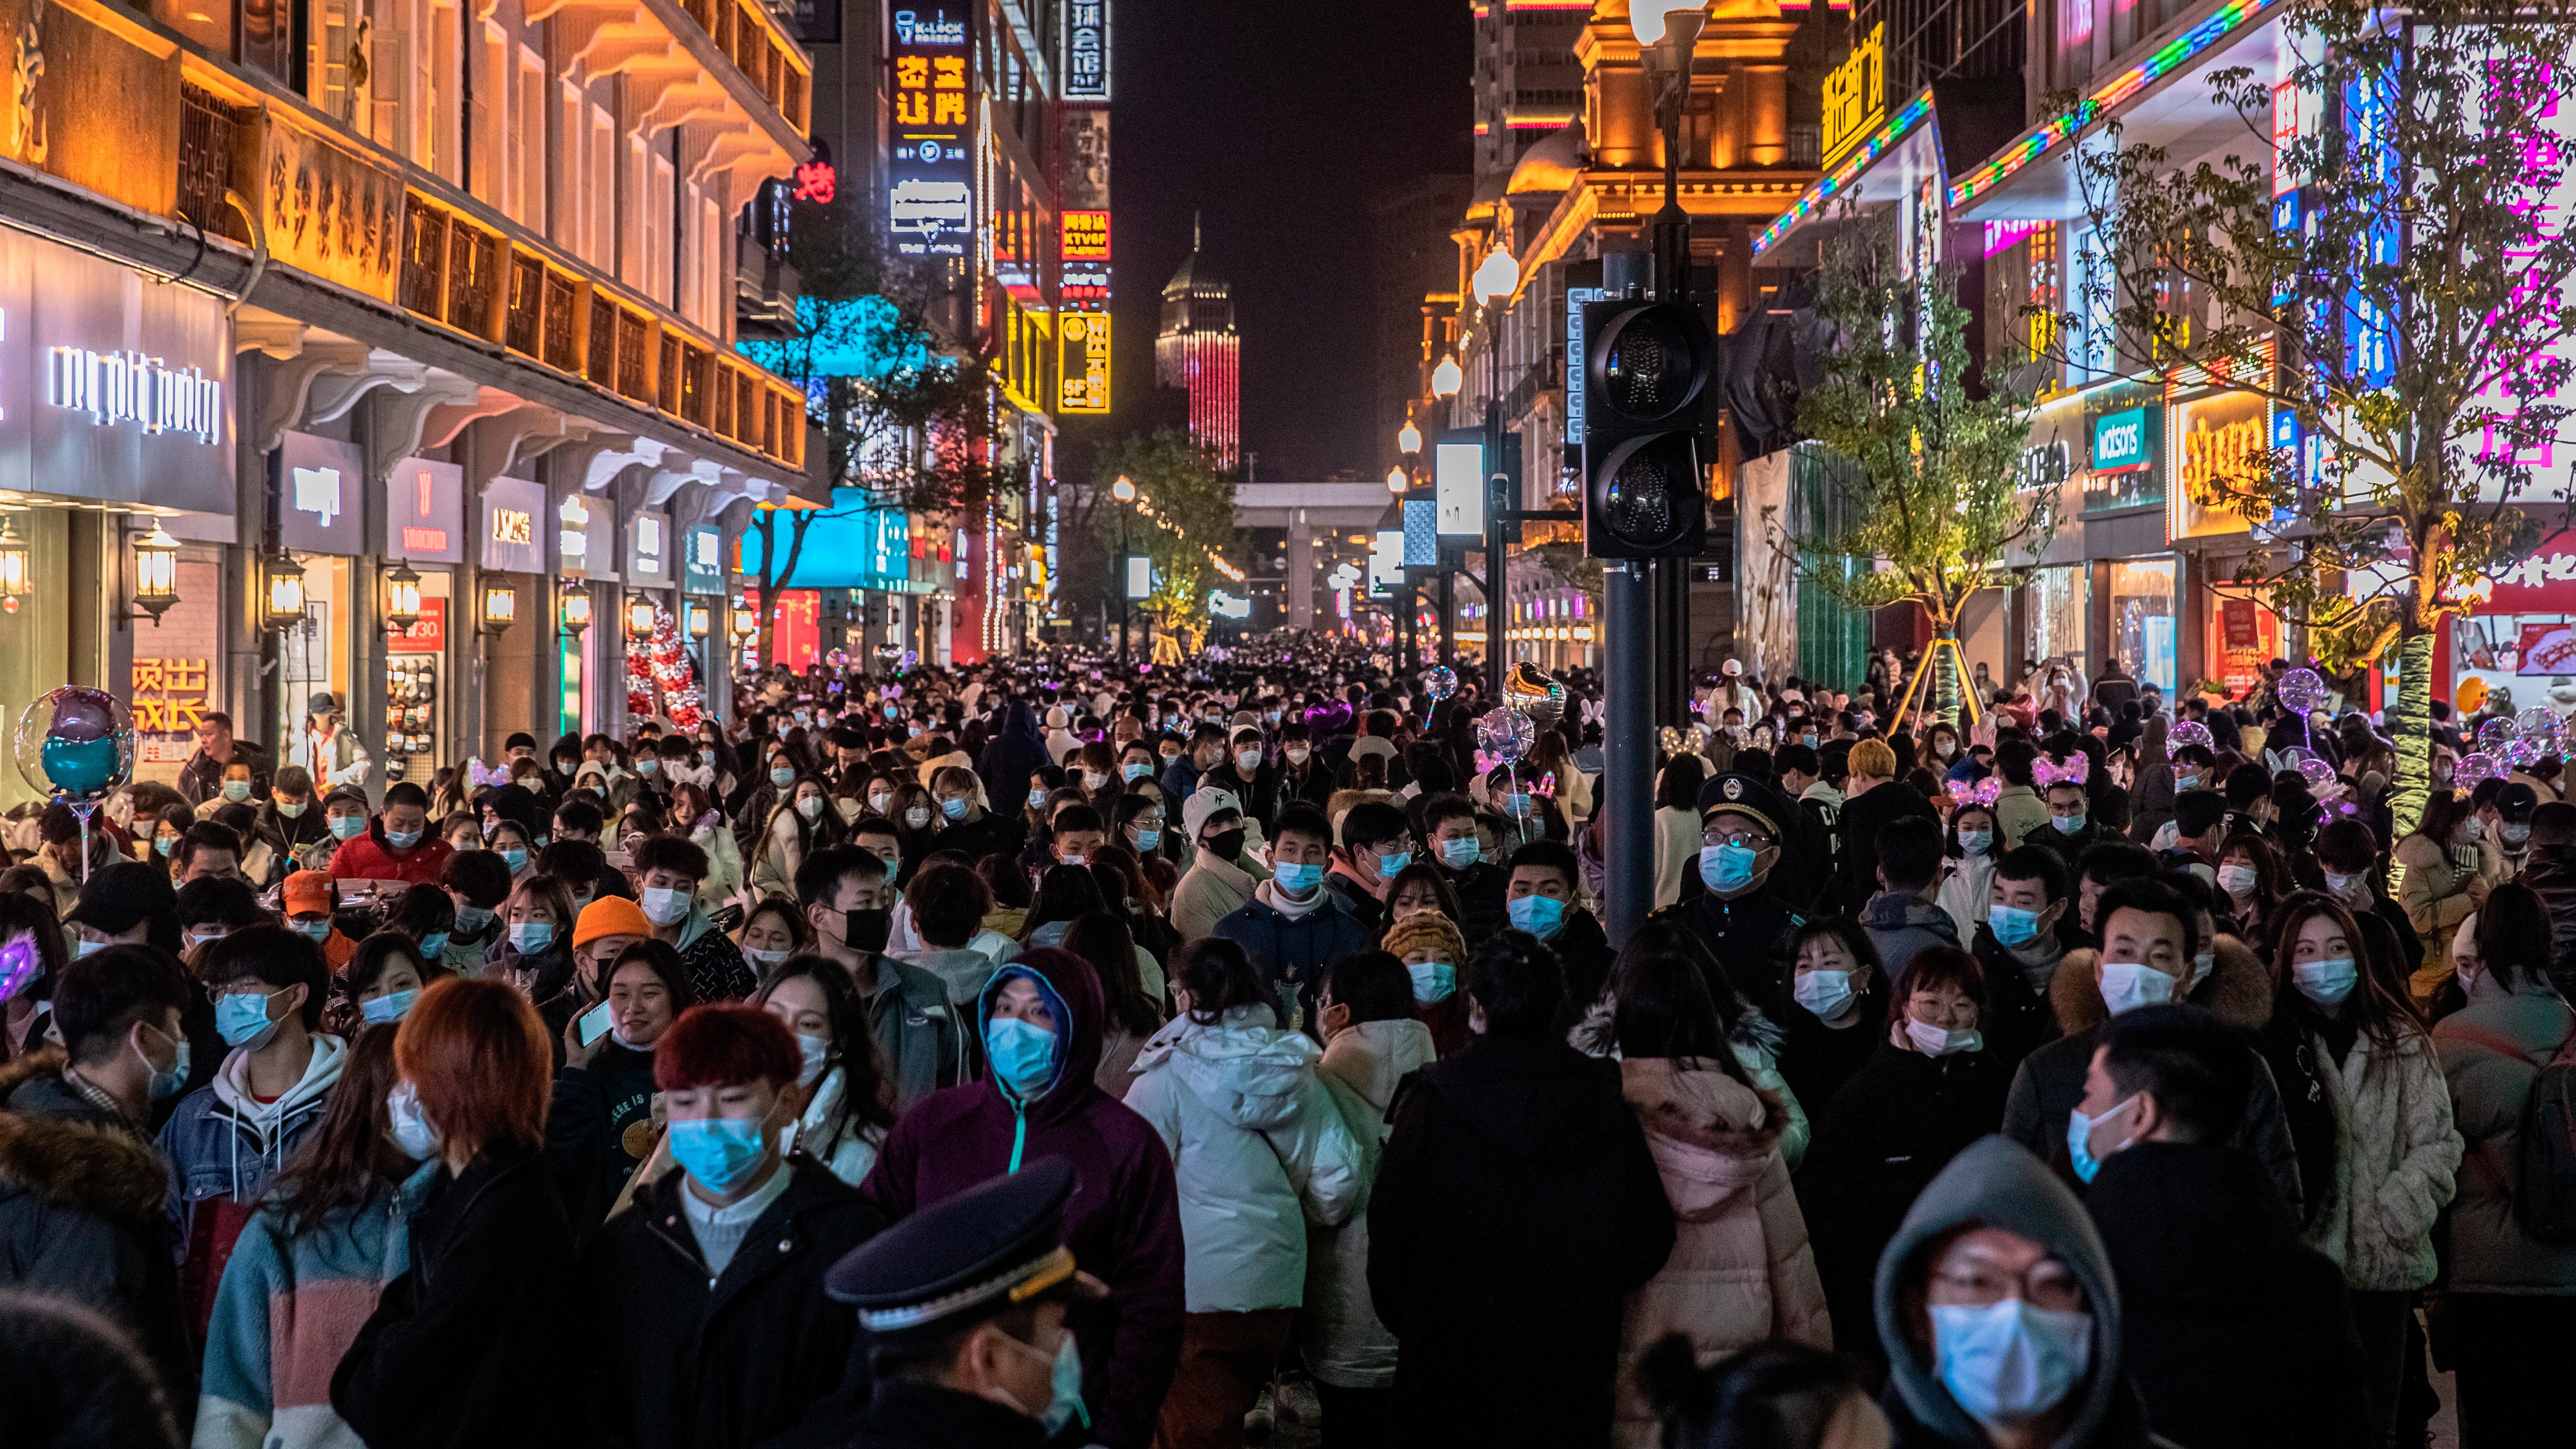 Wuhan, el epicentro del brote de coronavirus, está examinando a todos sus 11 millones de residentes para el coronavirus Sars-CoV-2 después de que se registraron siete nuevas infecciones, una oficina de la ciudad.